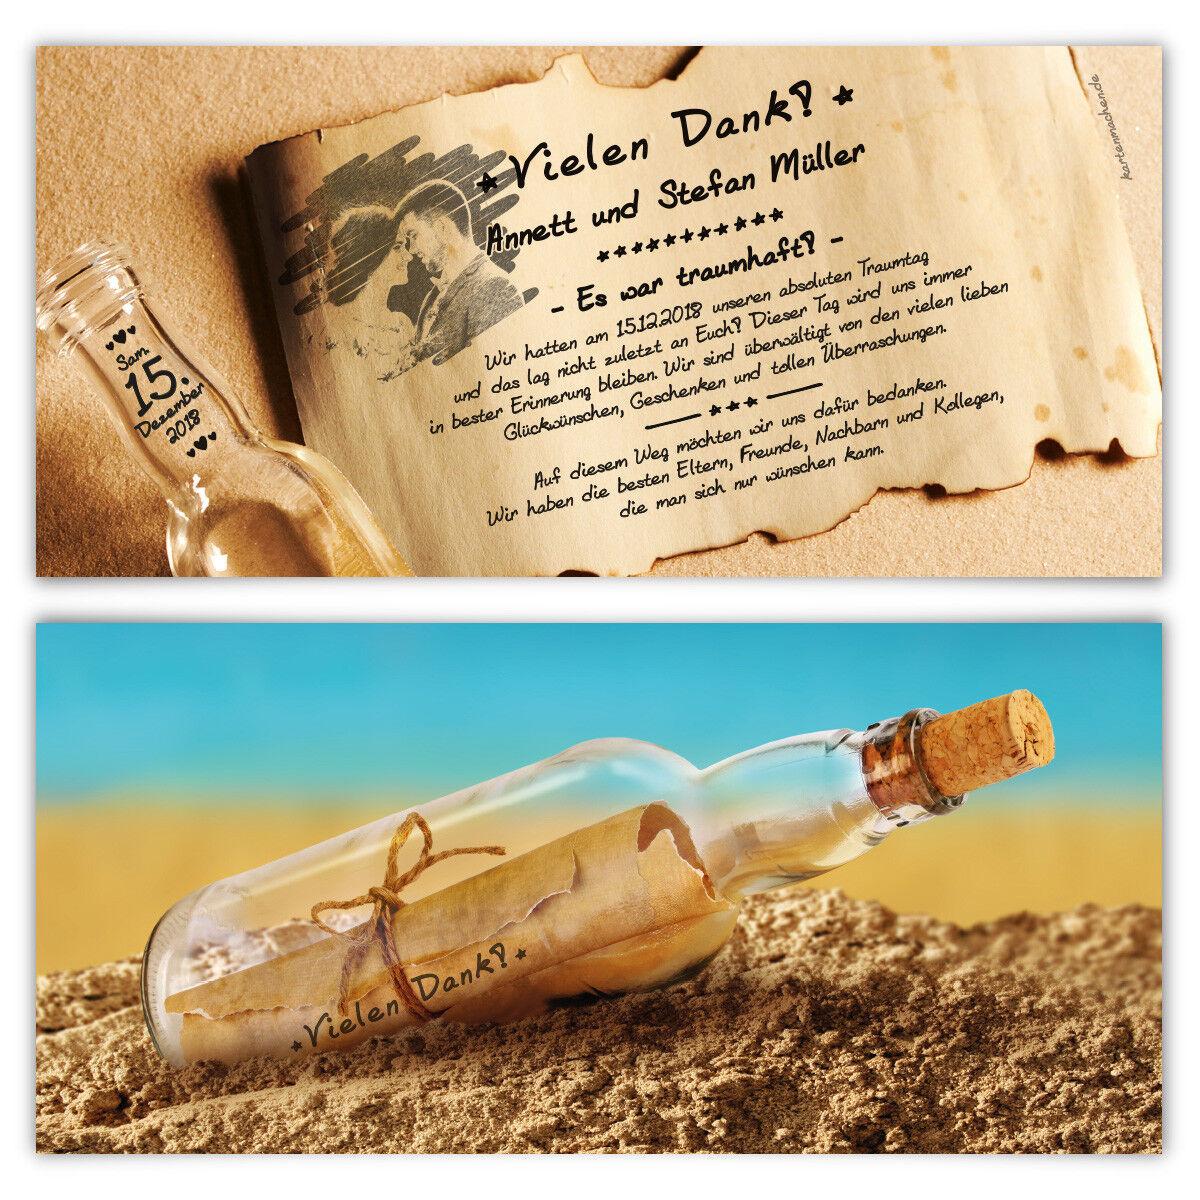 Hochzeit Dankeskarten Danksagungskarten individuell - Flaschenpost Motiv | Qualitätsprodukte  | Berühmter Laden